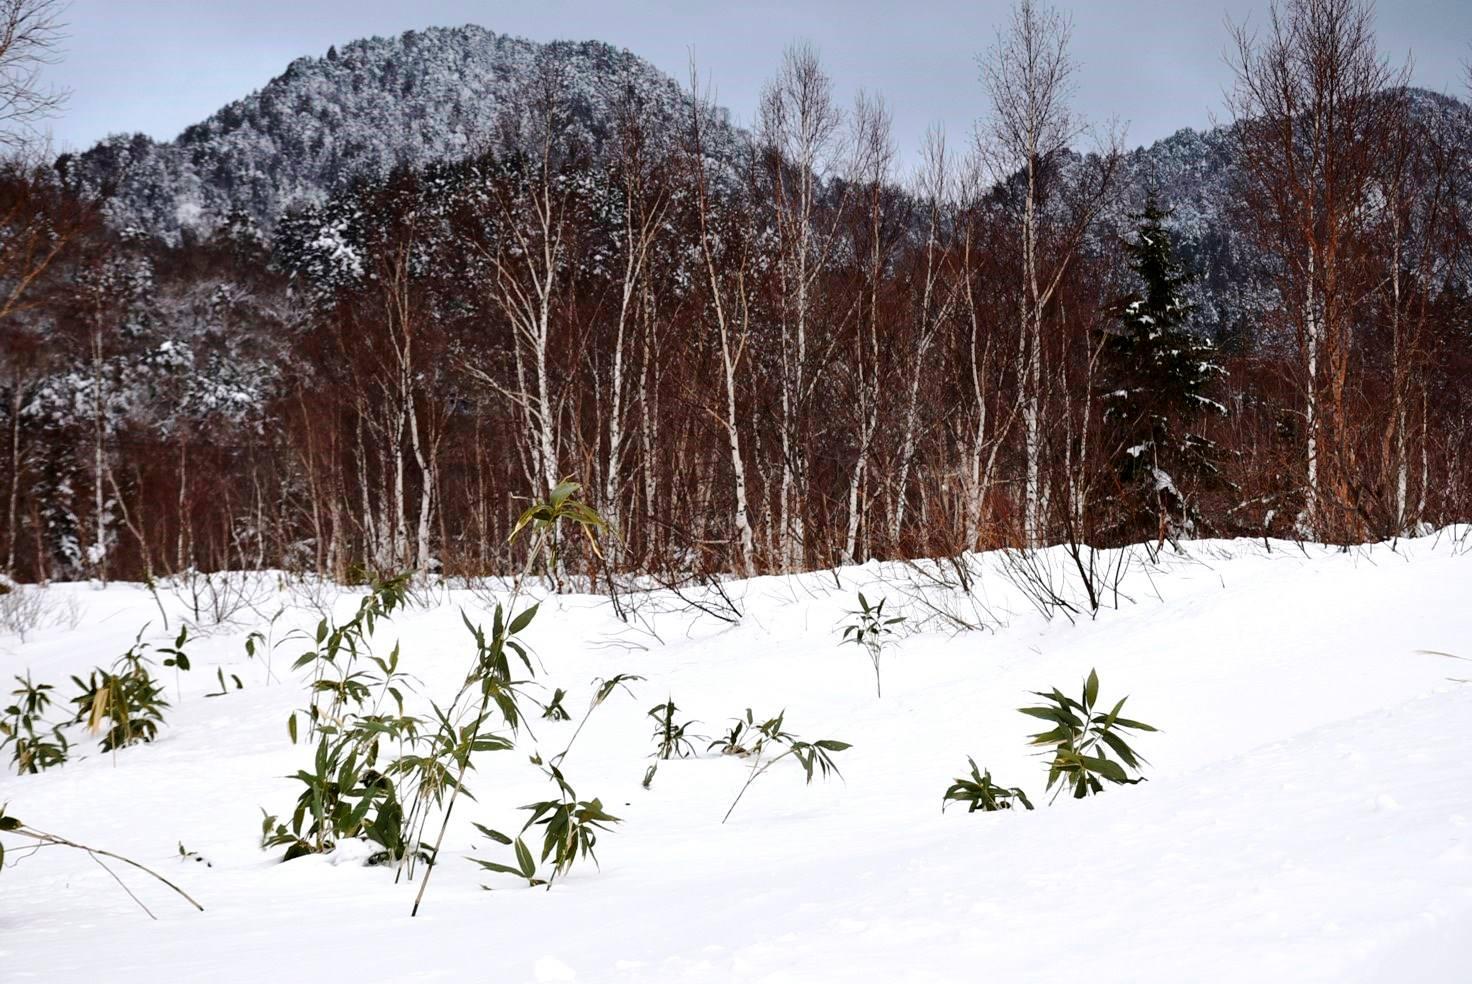 山ノ内町山の様子-mt-高原の冬